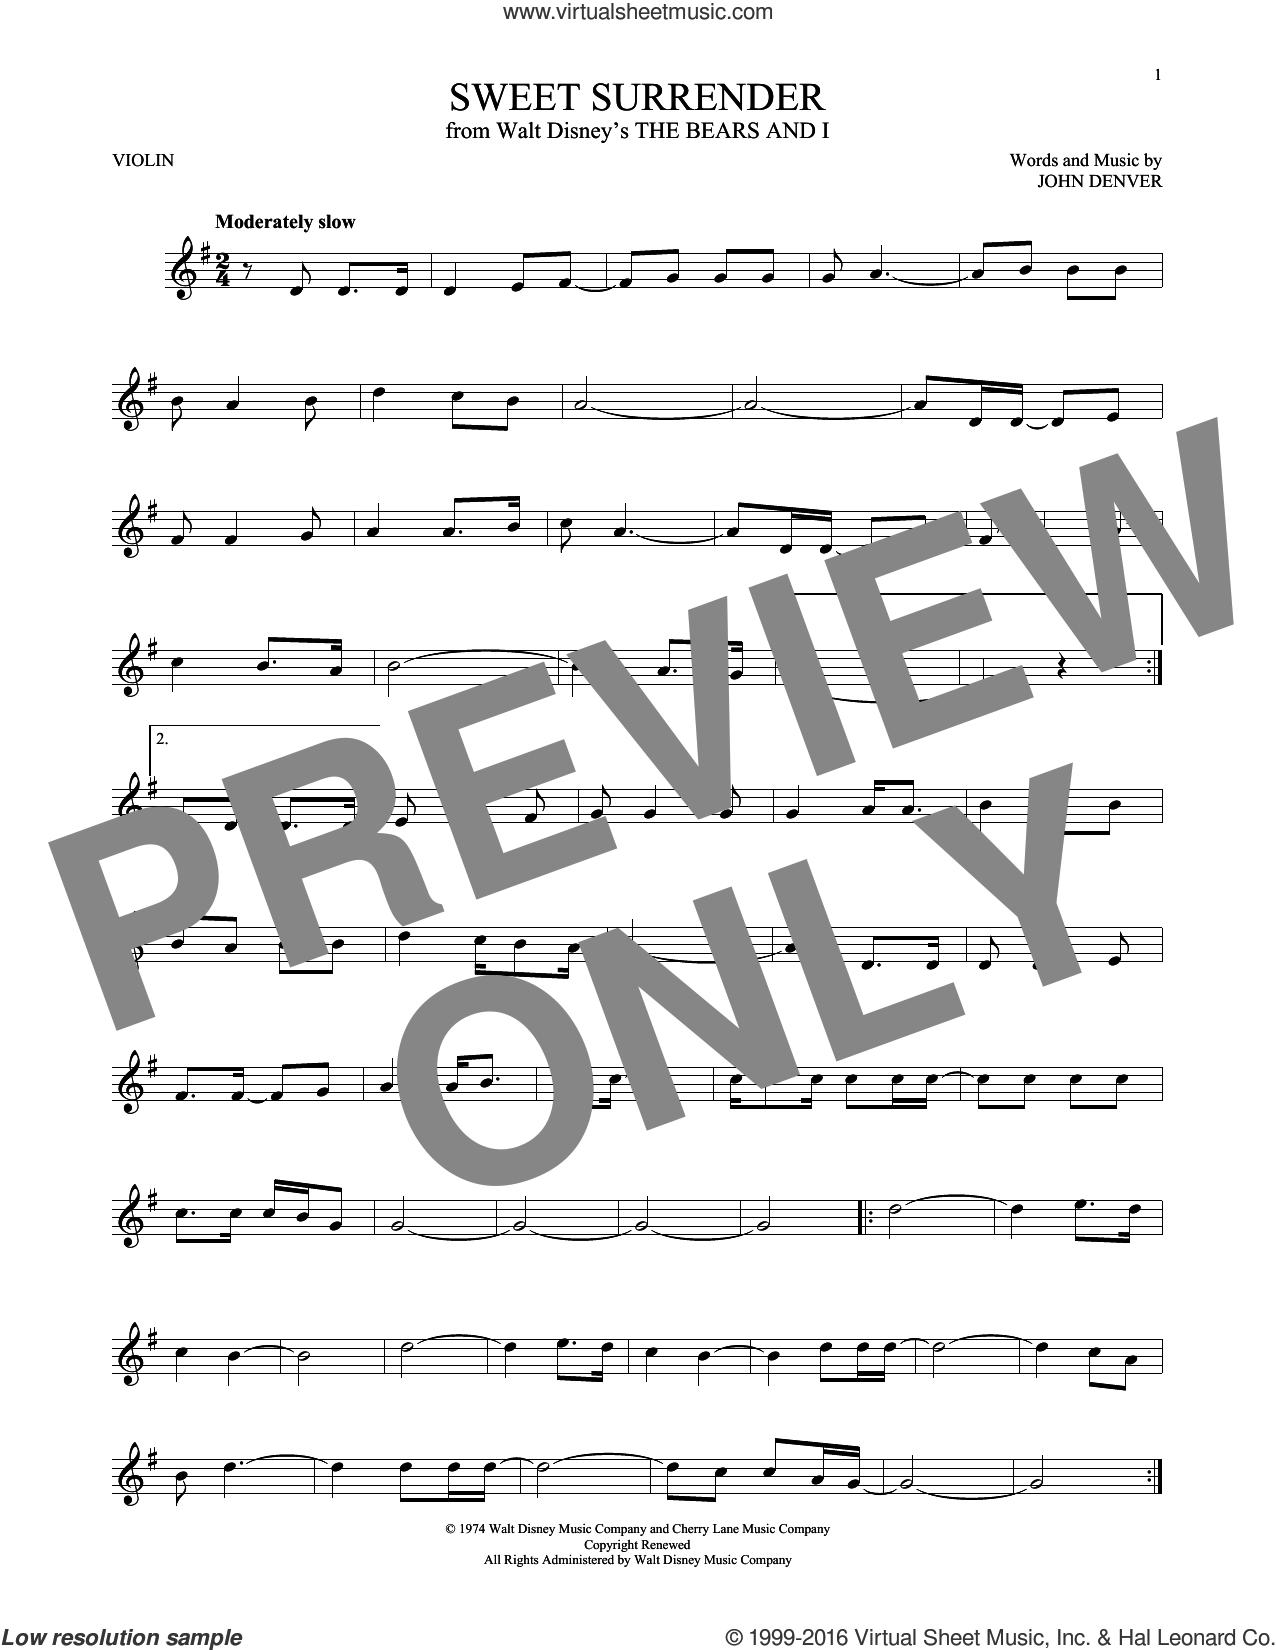 Sweet Surrender sheet music for violin solo by John Denver, intermediate skill level